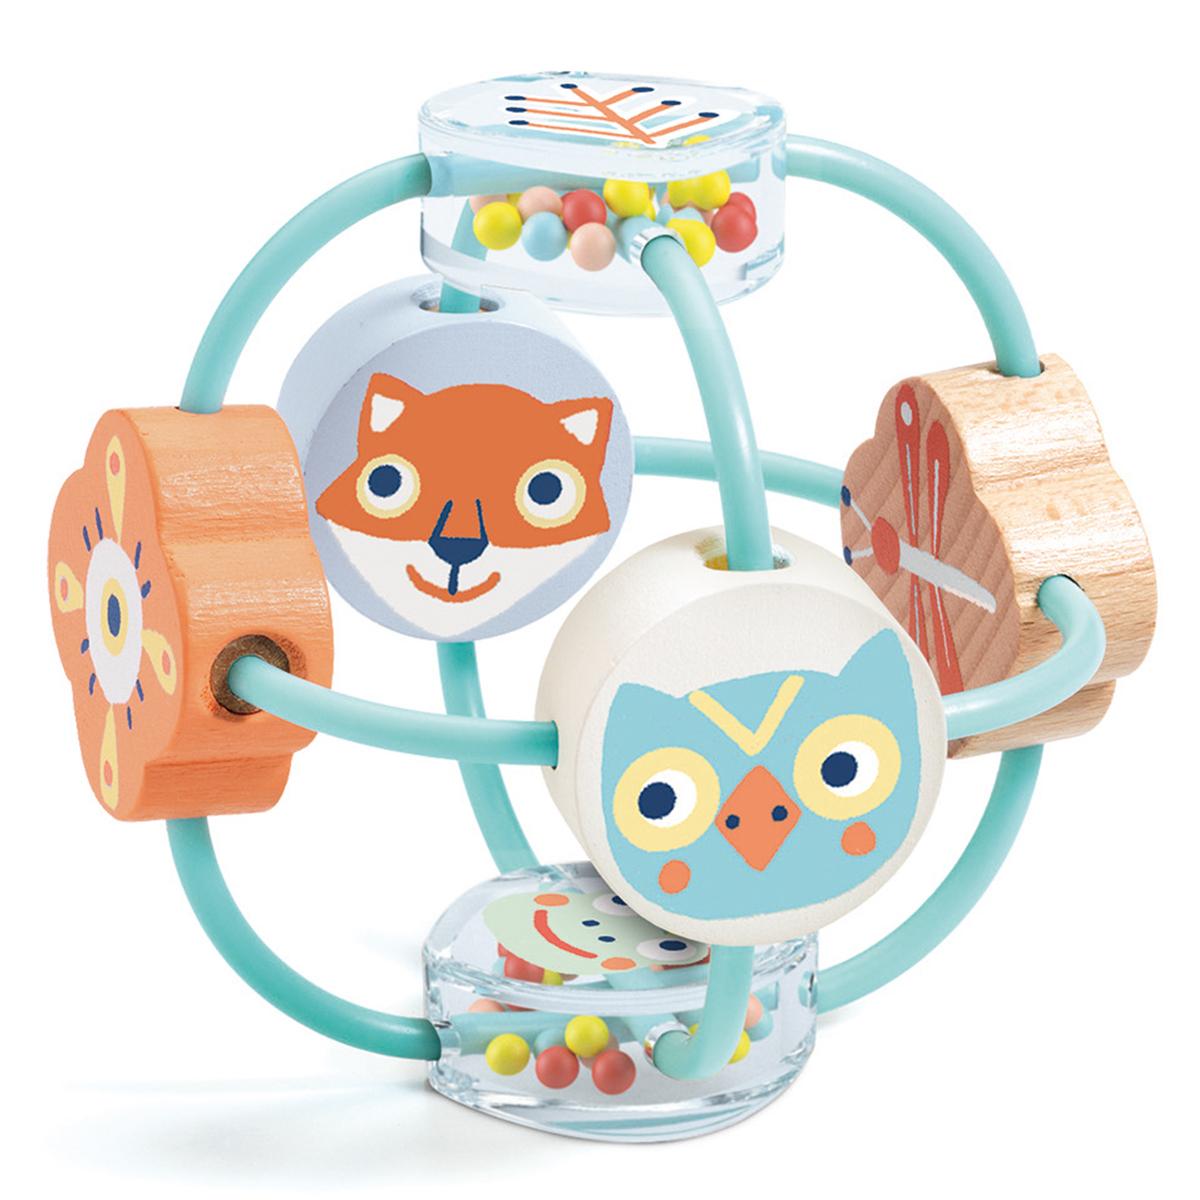 Mes premiers jouets Balle d'Apprentissage Babytabli